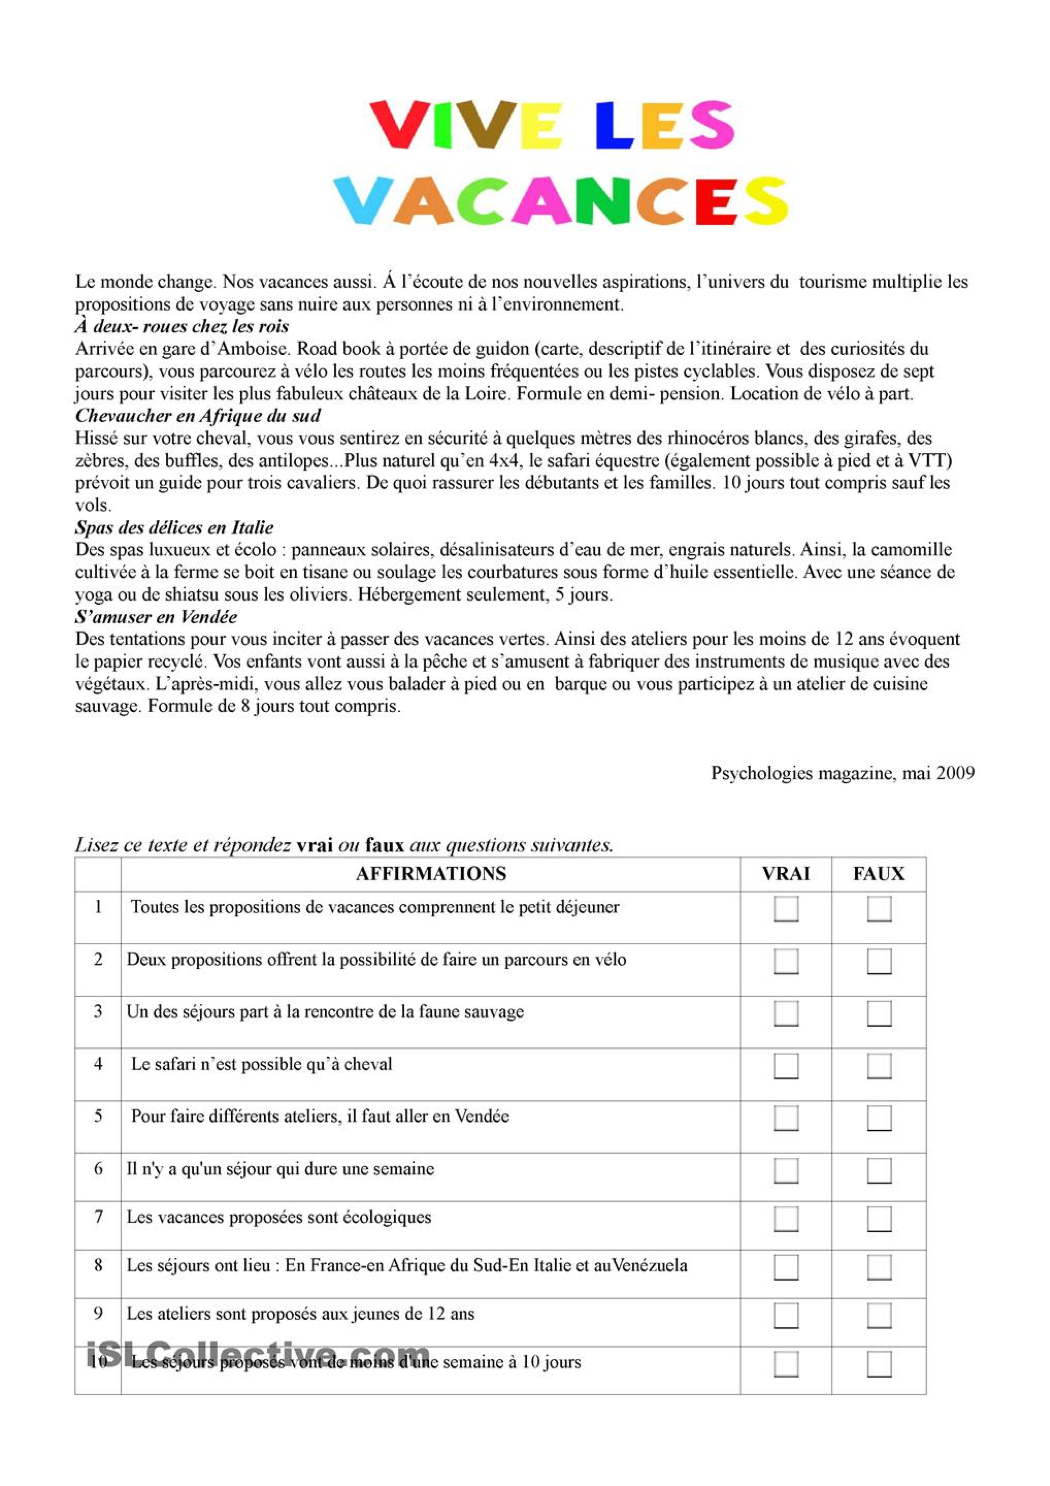 """4E - Mon Choix, Le Français!: Texte """"vive Les Vacances"""" à Poésie Vive Les Vacances"""